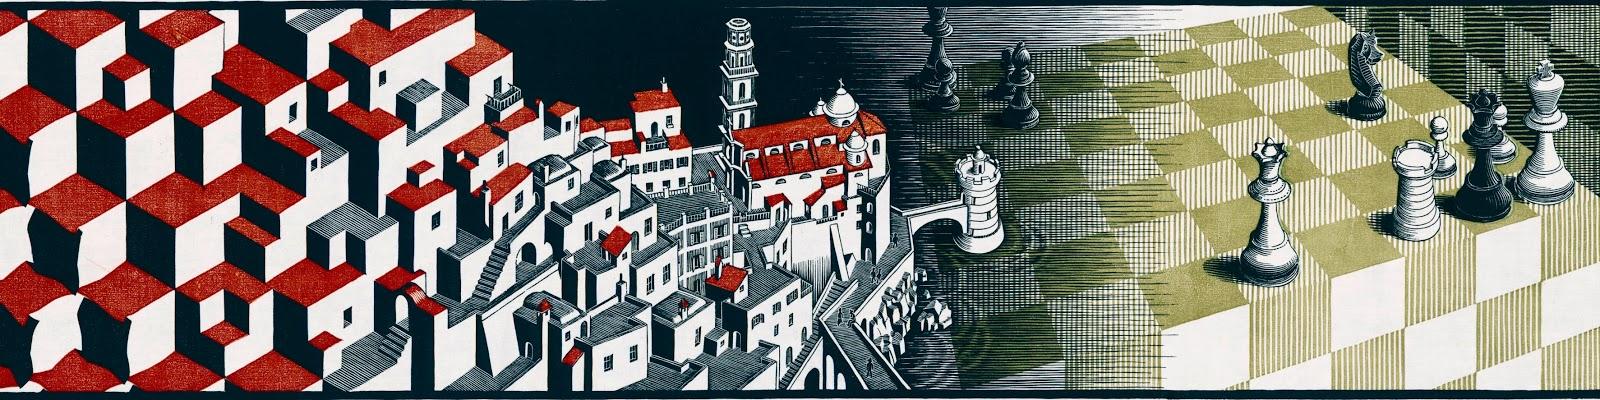 Discettazioni erranti atrani del 1931 nelle opere di escher for Escher metamorfosi